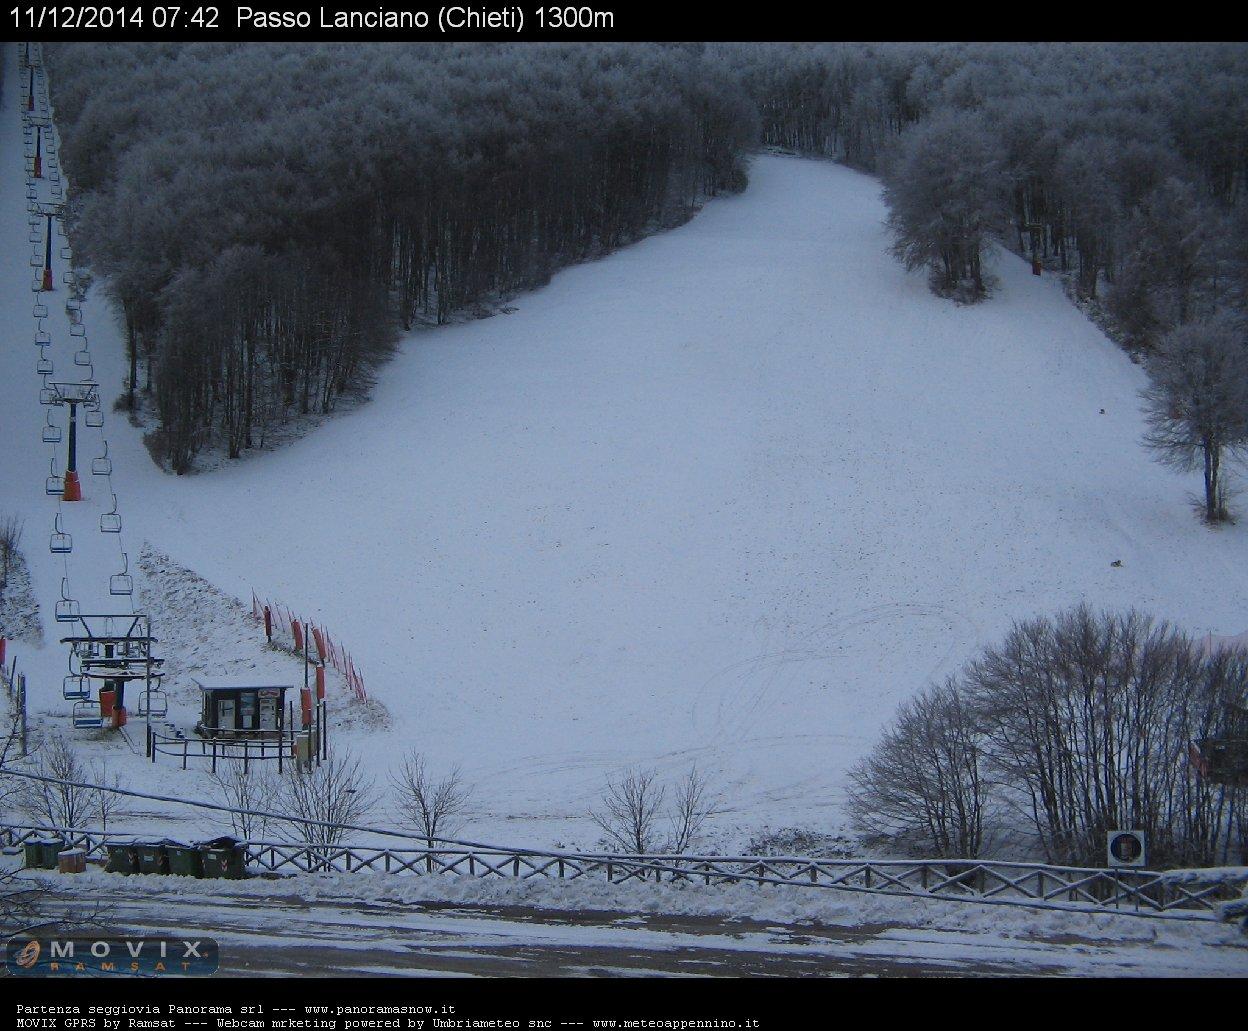 Nowcasting nivoglaciale Appennini dall' inverno 2014 all'inverno 2015-passolanciano-1318.jpg